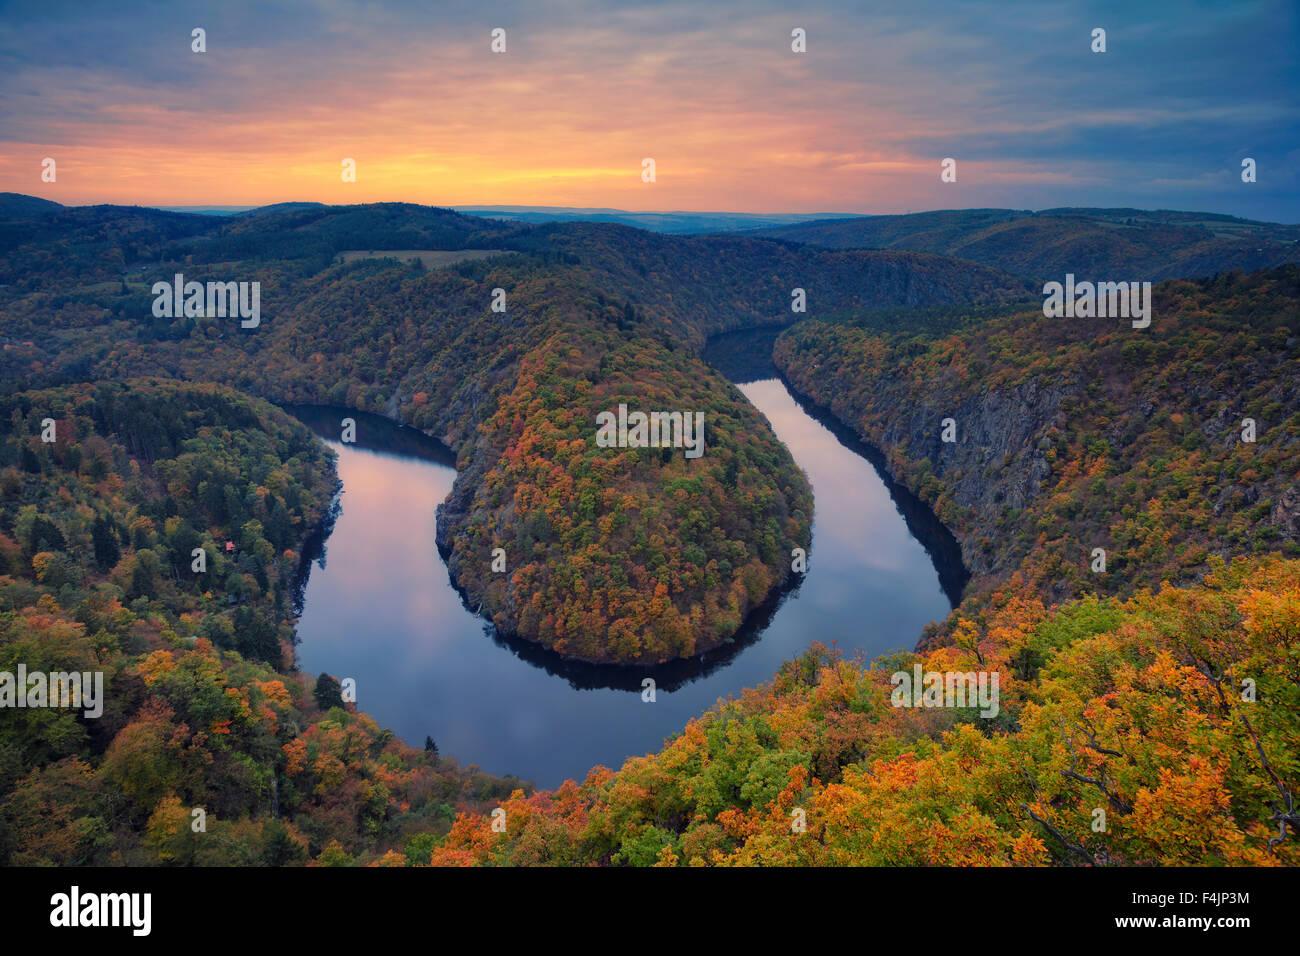 Herbst Flussbiegung. Wunderschöne Mäander der Moldau in der Tschechischen Republik im Herbst Sonnenuntergang. Stockbild